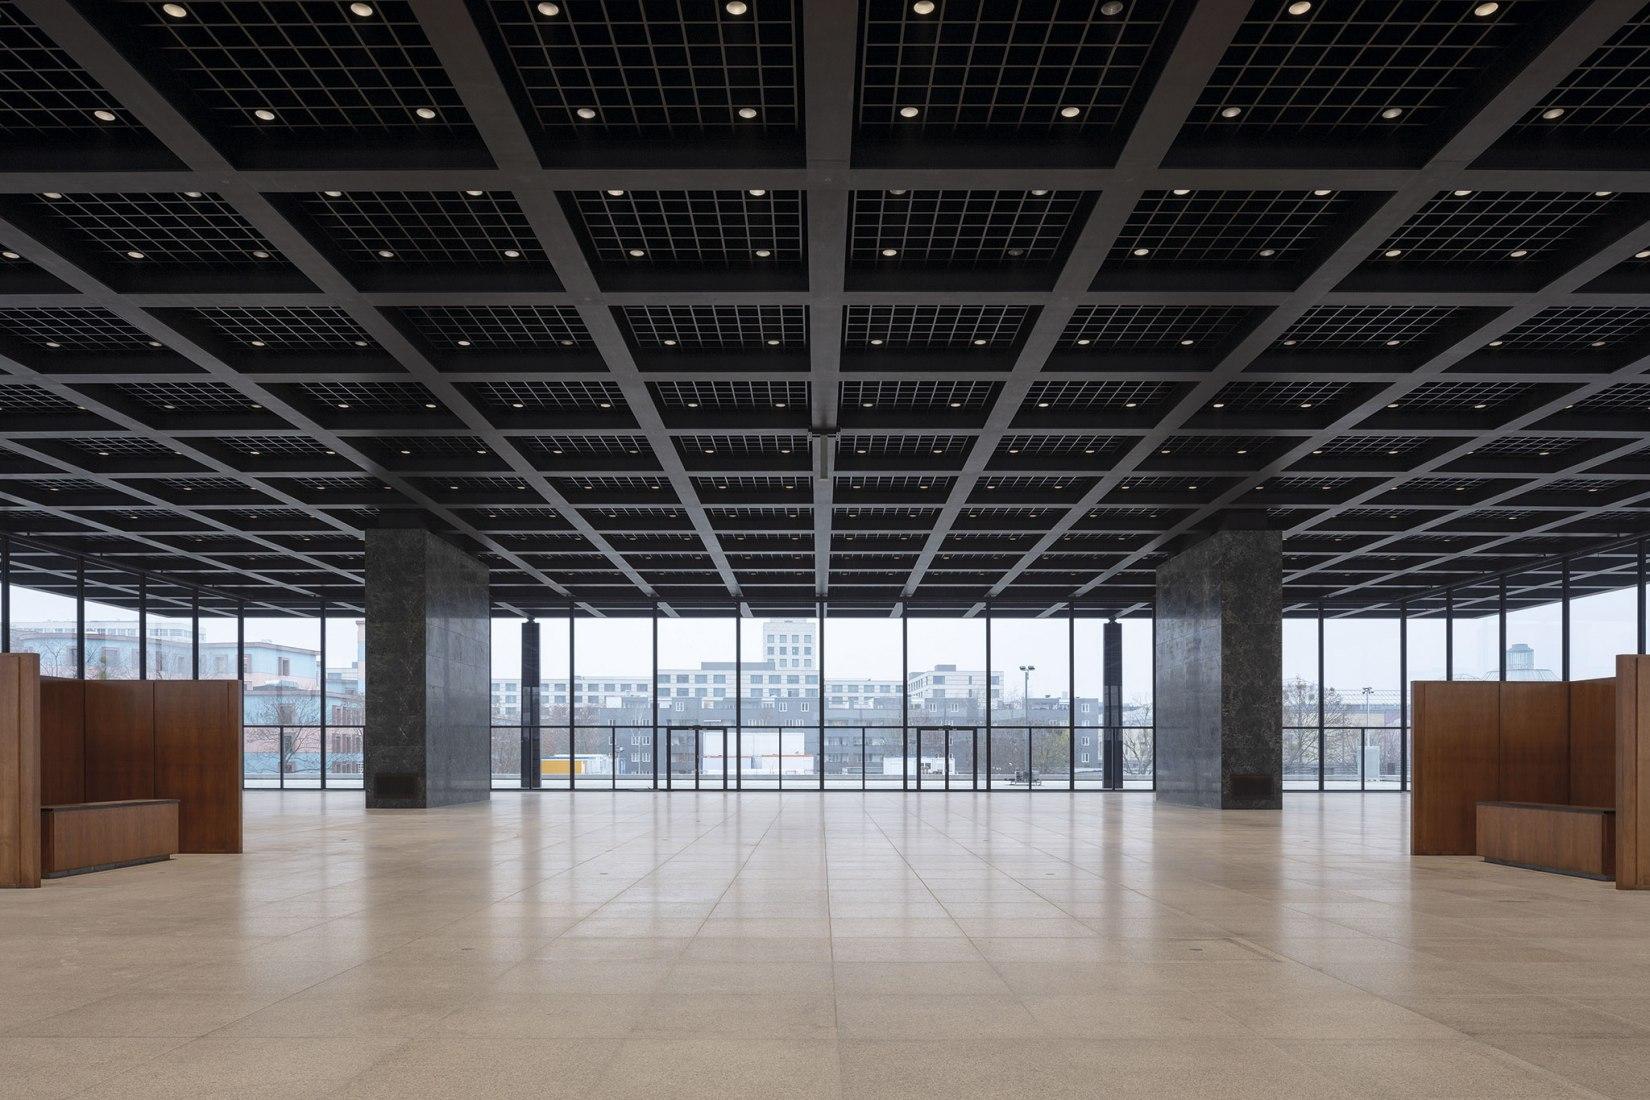 Restauración de la Neue Nationalgalerie de Berlín por David Chipperfield Architects. Fotografía por Thomas Bruns, cortesía de BBR